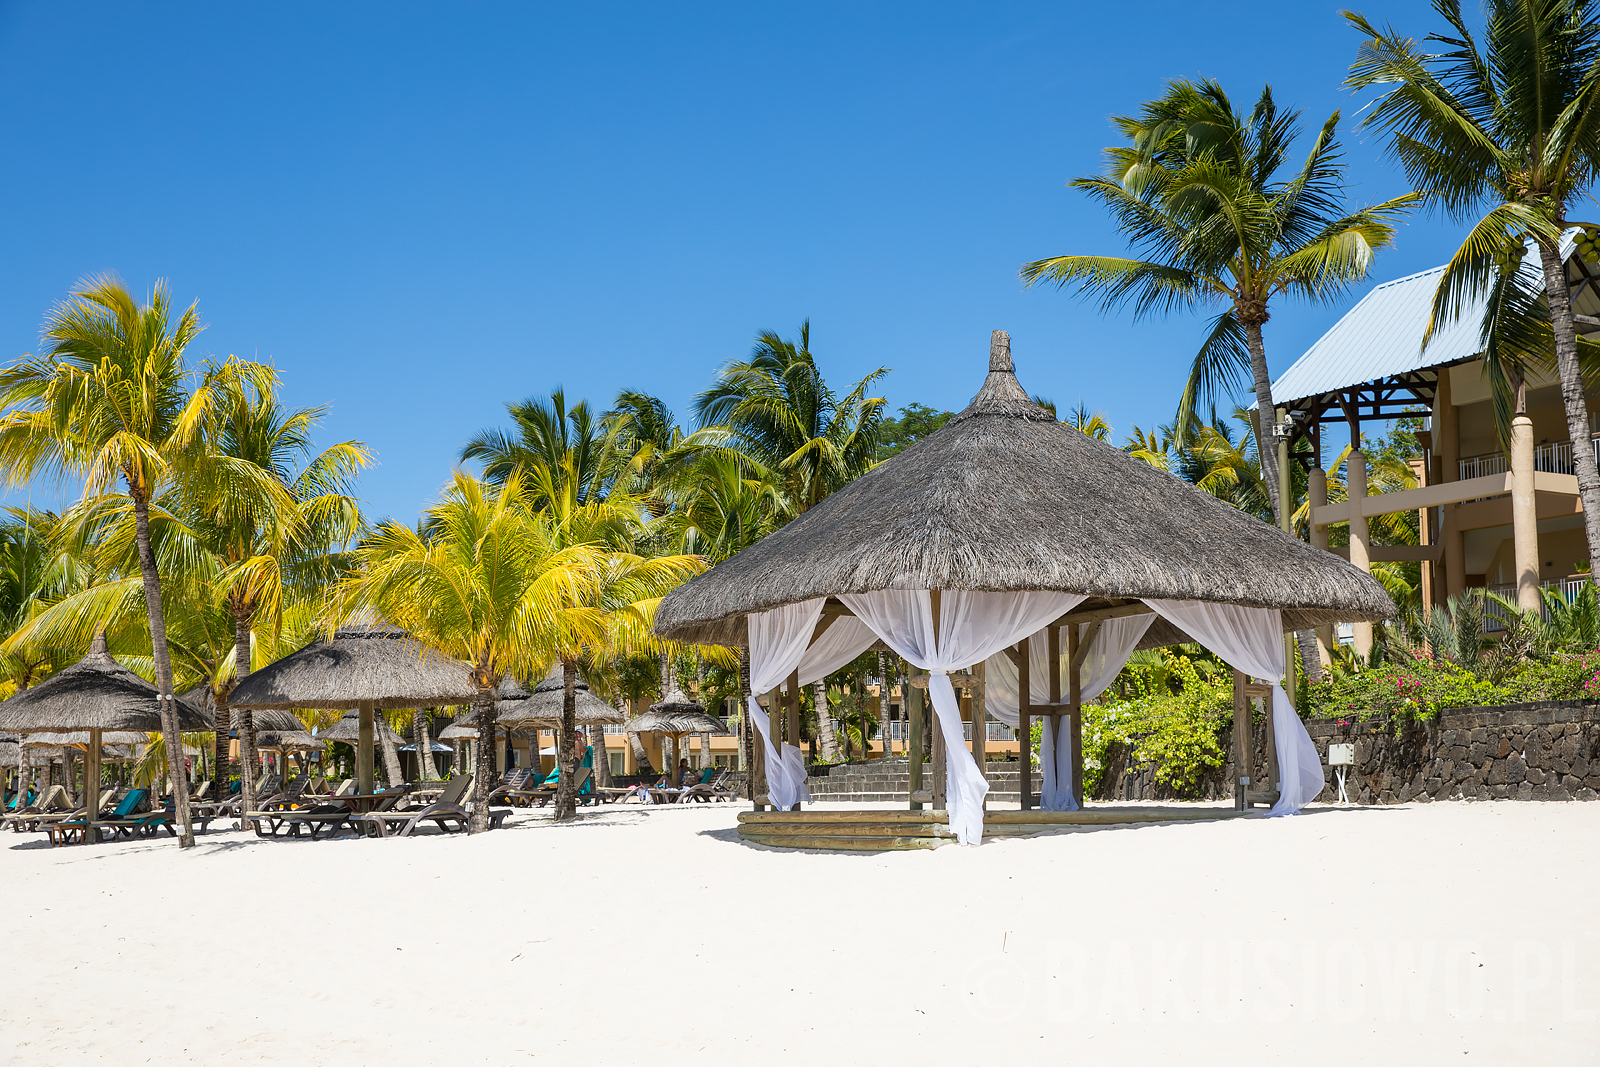 mauritius-le-meridien-photos-118